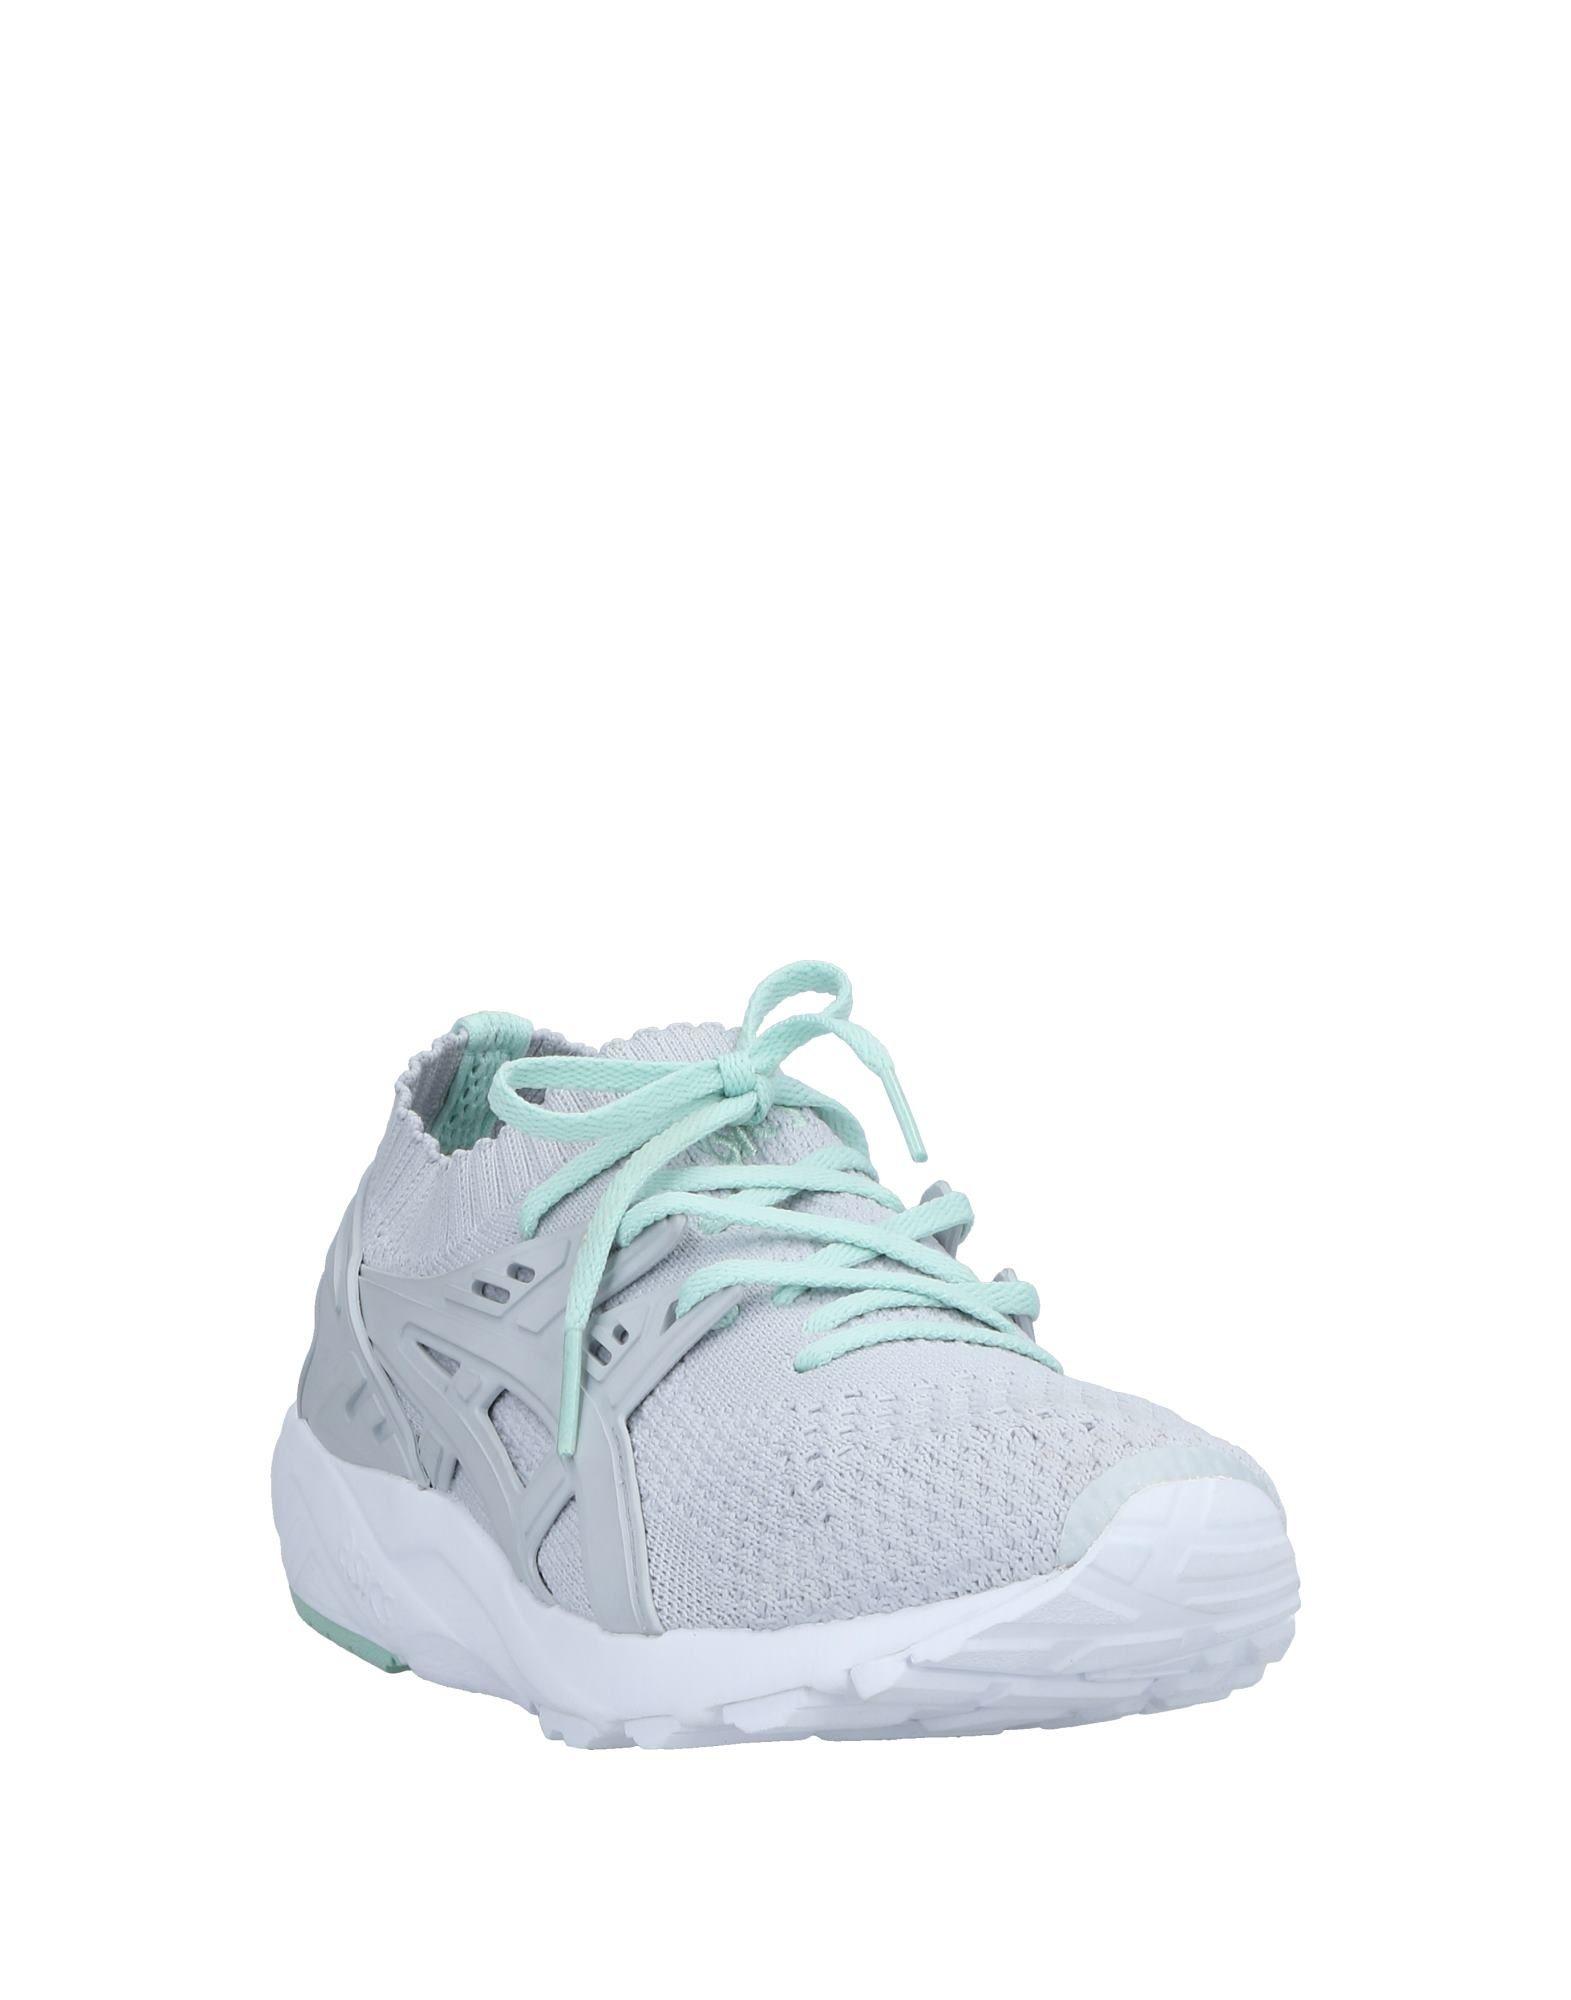 Asics Tiger Sneakers Damen  11535816SR Schuhe Gute Qualität beliebte Schuhe 11535816SR 57eaad